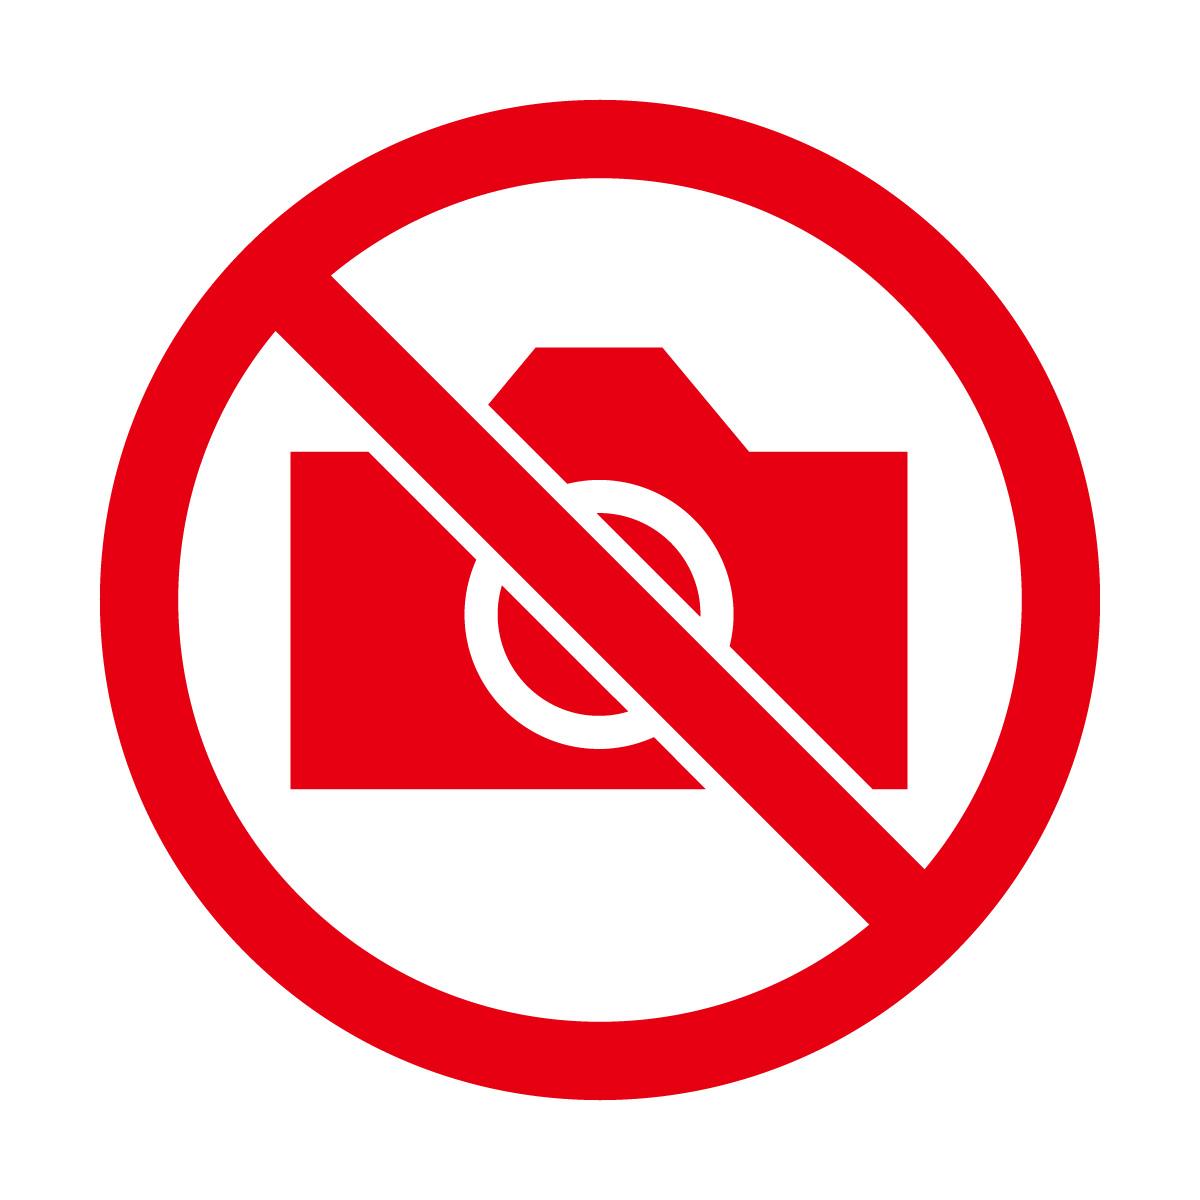 赤色の撮影禁止マークのカッティングステッカー・シール 光沢タイプ・防水・耐水・屋外耐候3~4年